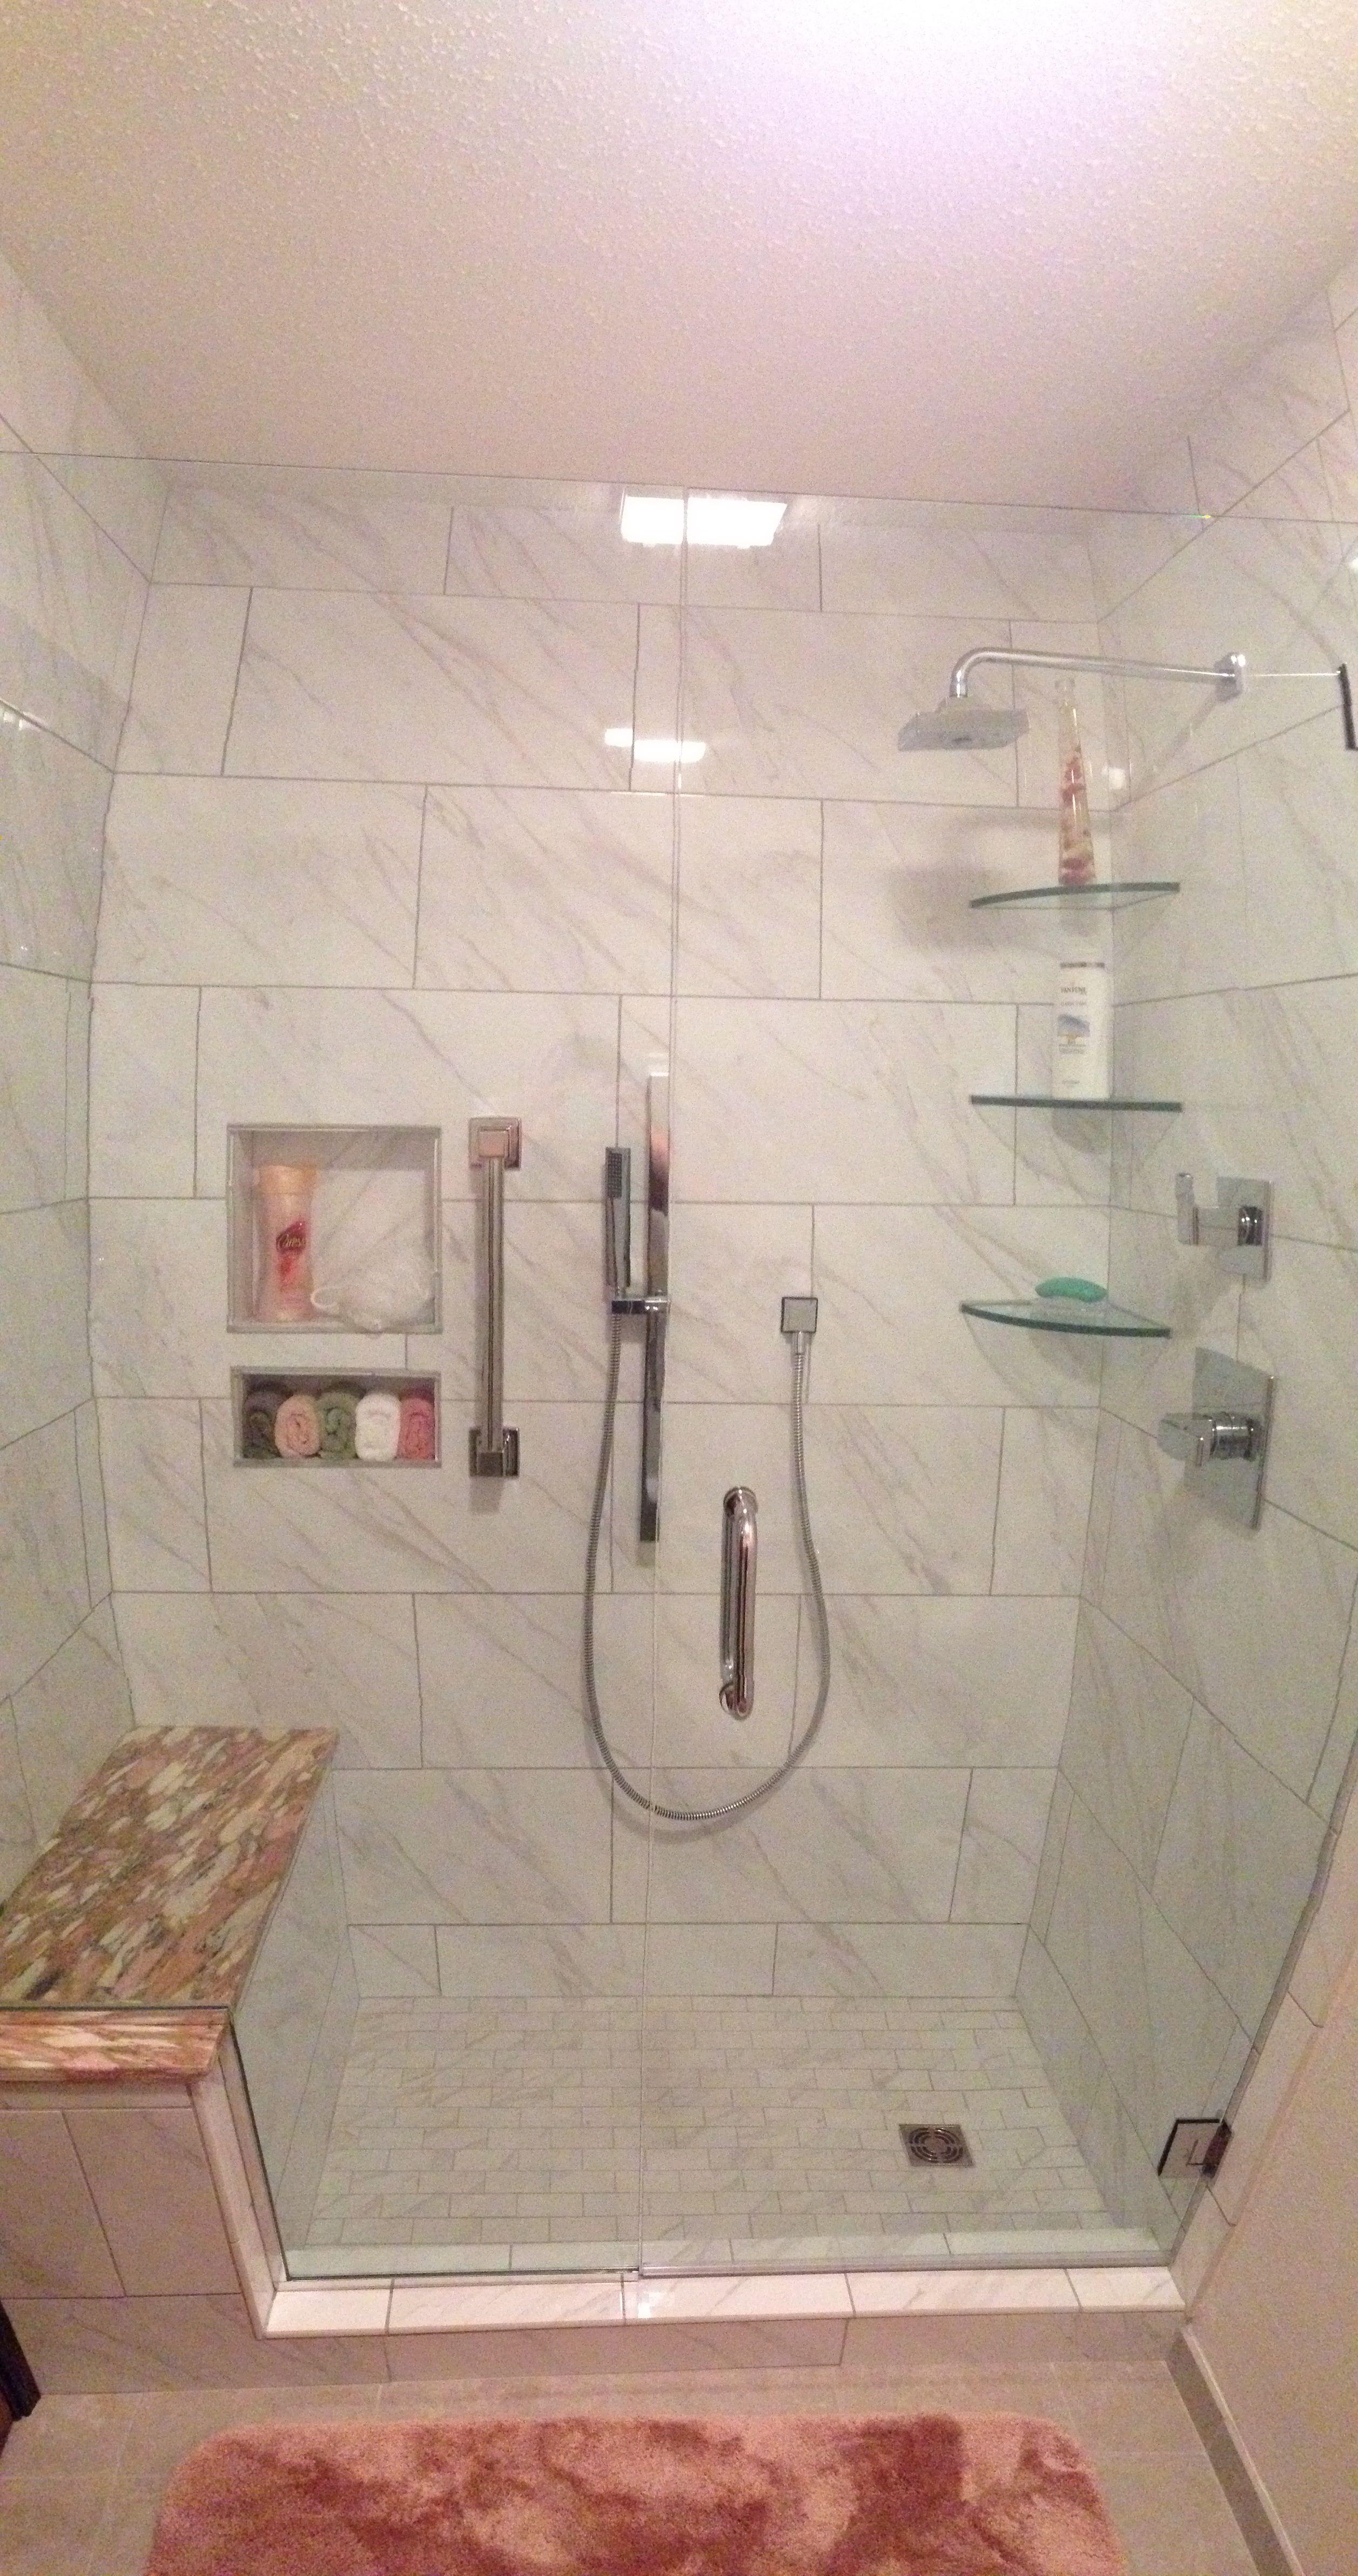 Tub To Shower Conversion Daltile Florentine Color Carrara Condo - Daltile houston richmond